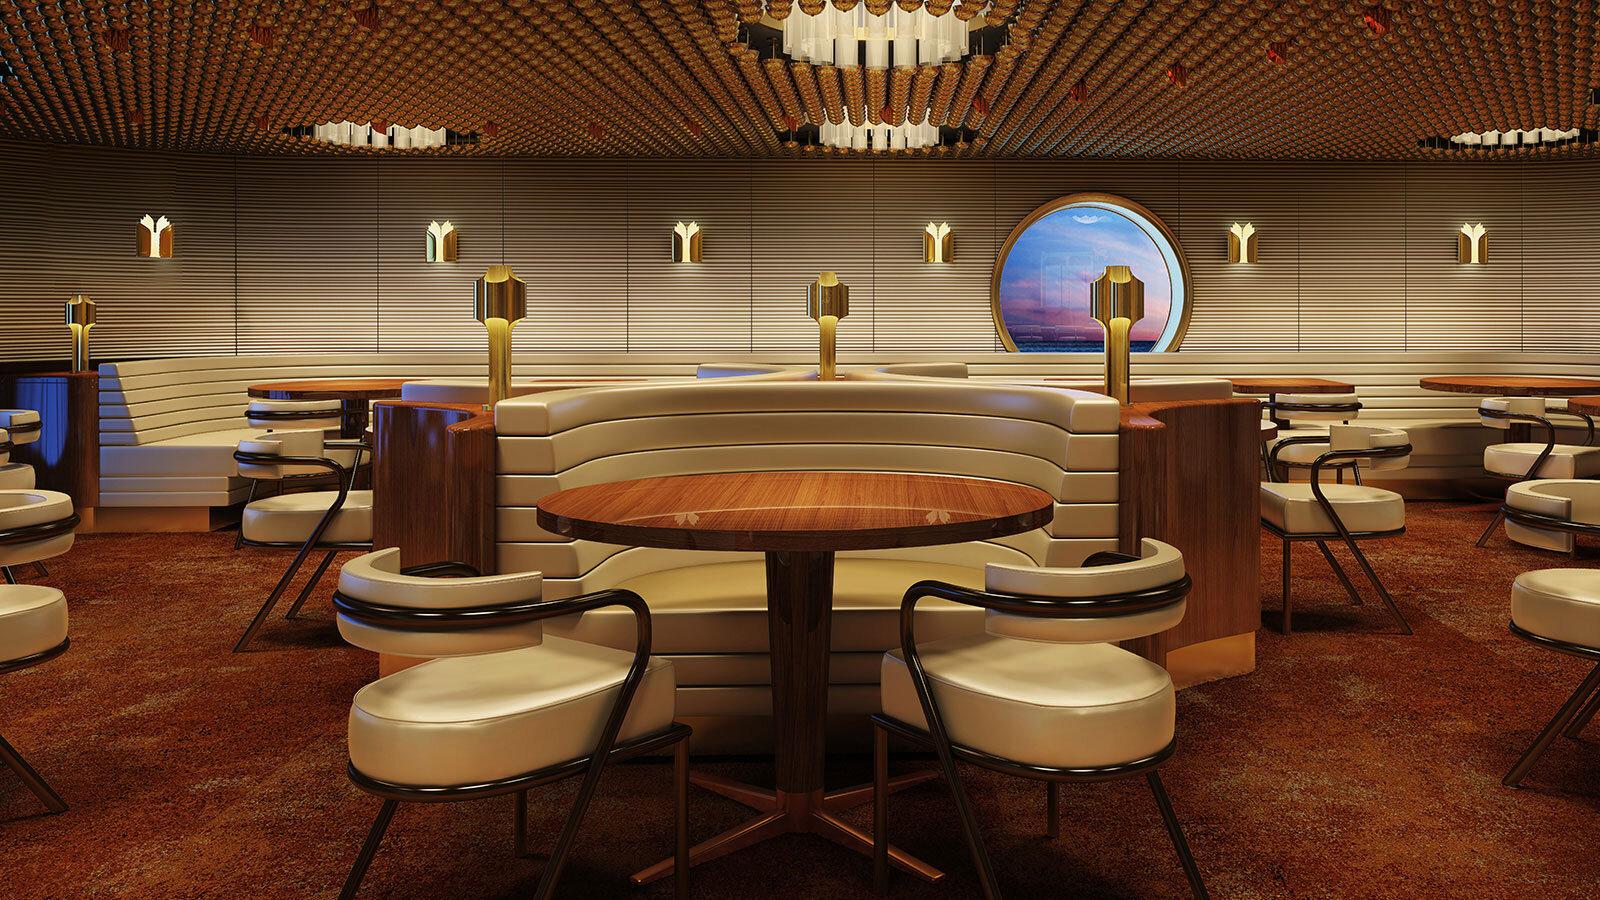 RDR-FNB-the-wake-restaurant-outer-dining-room-v1-01-1600x900.jpg